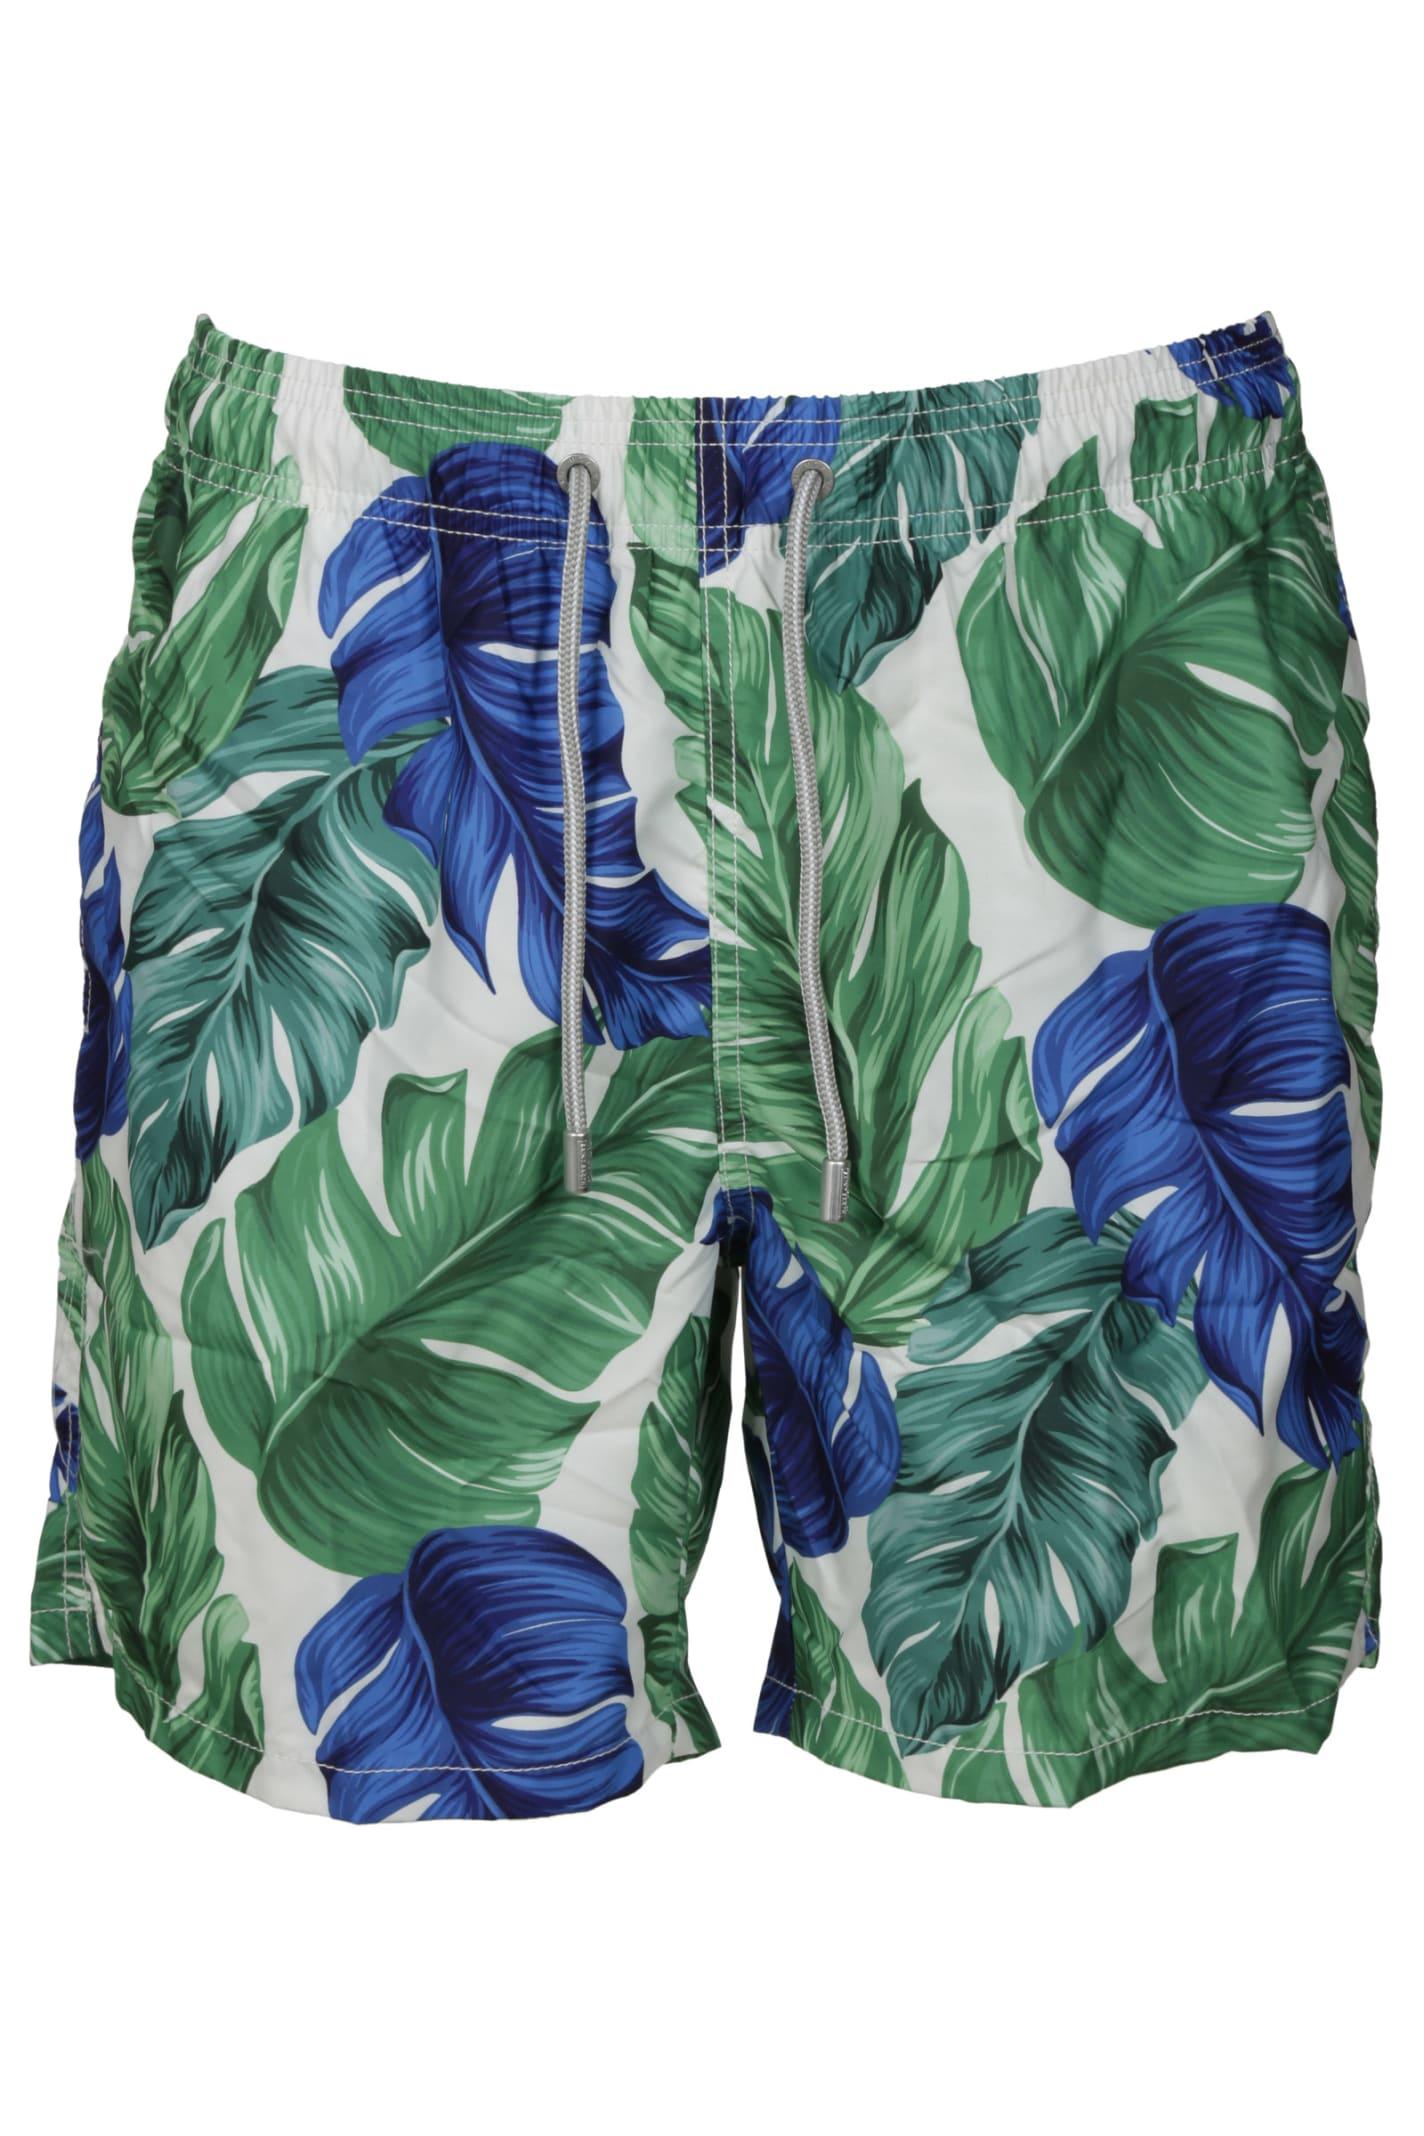 MC2 Saint Barth Banana Leaf Swim Shorts